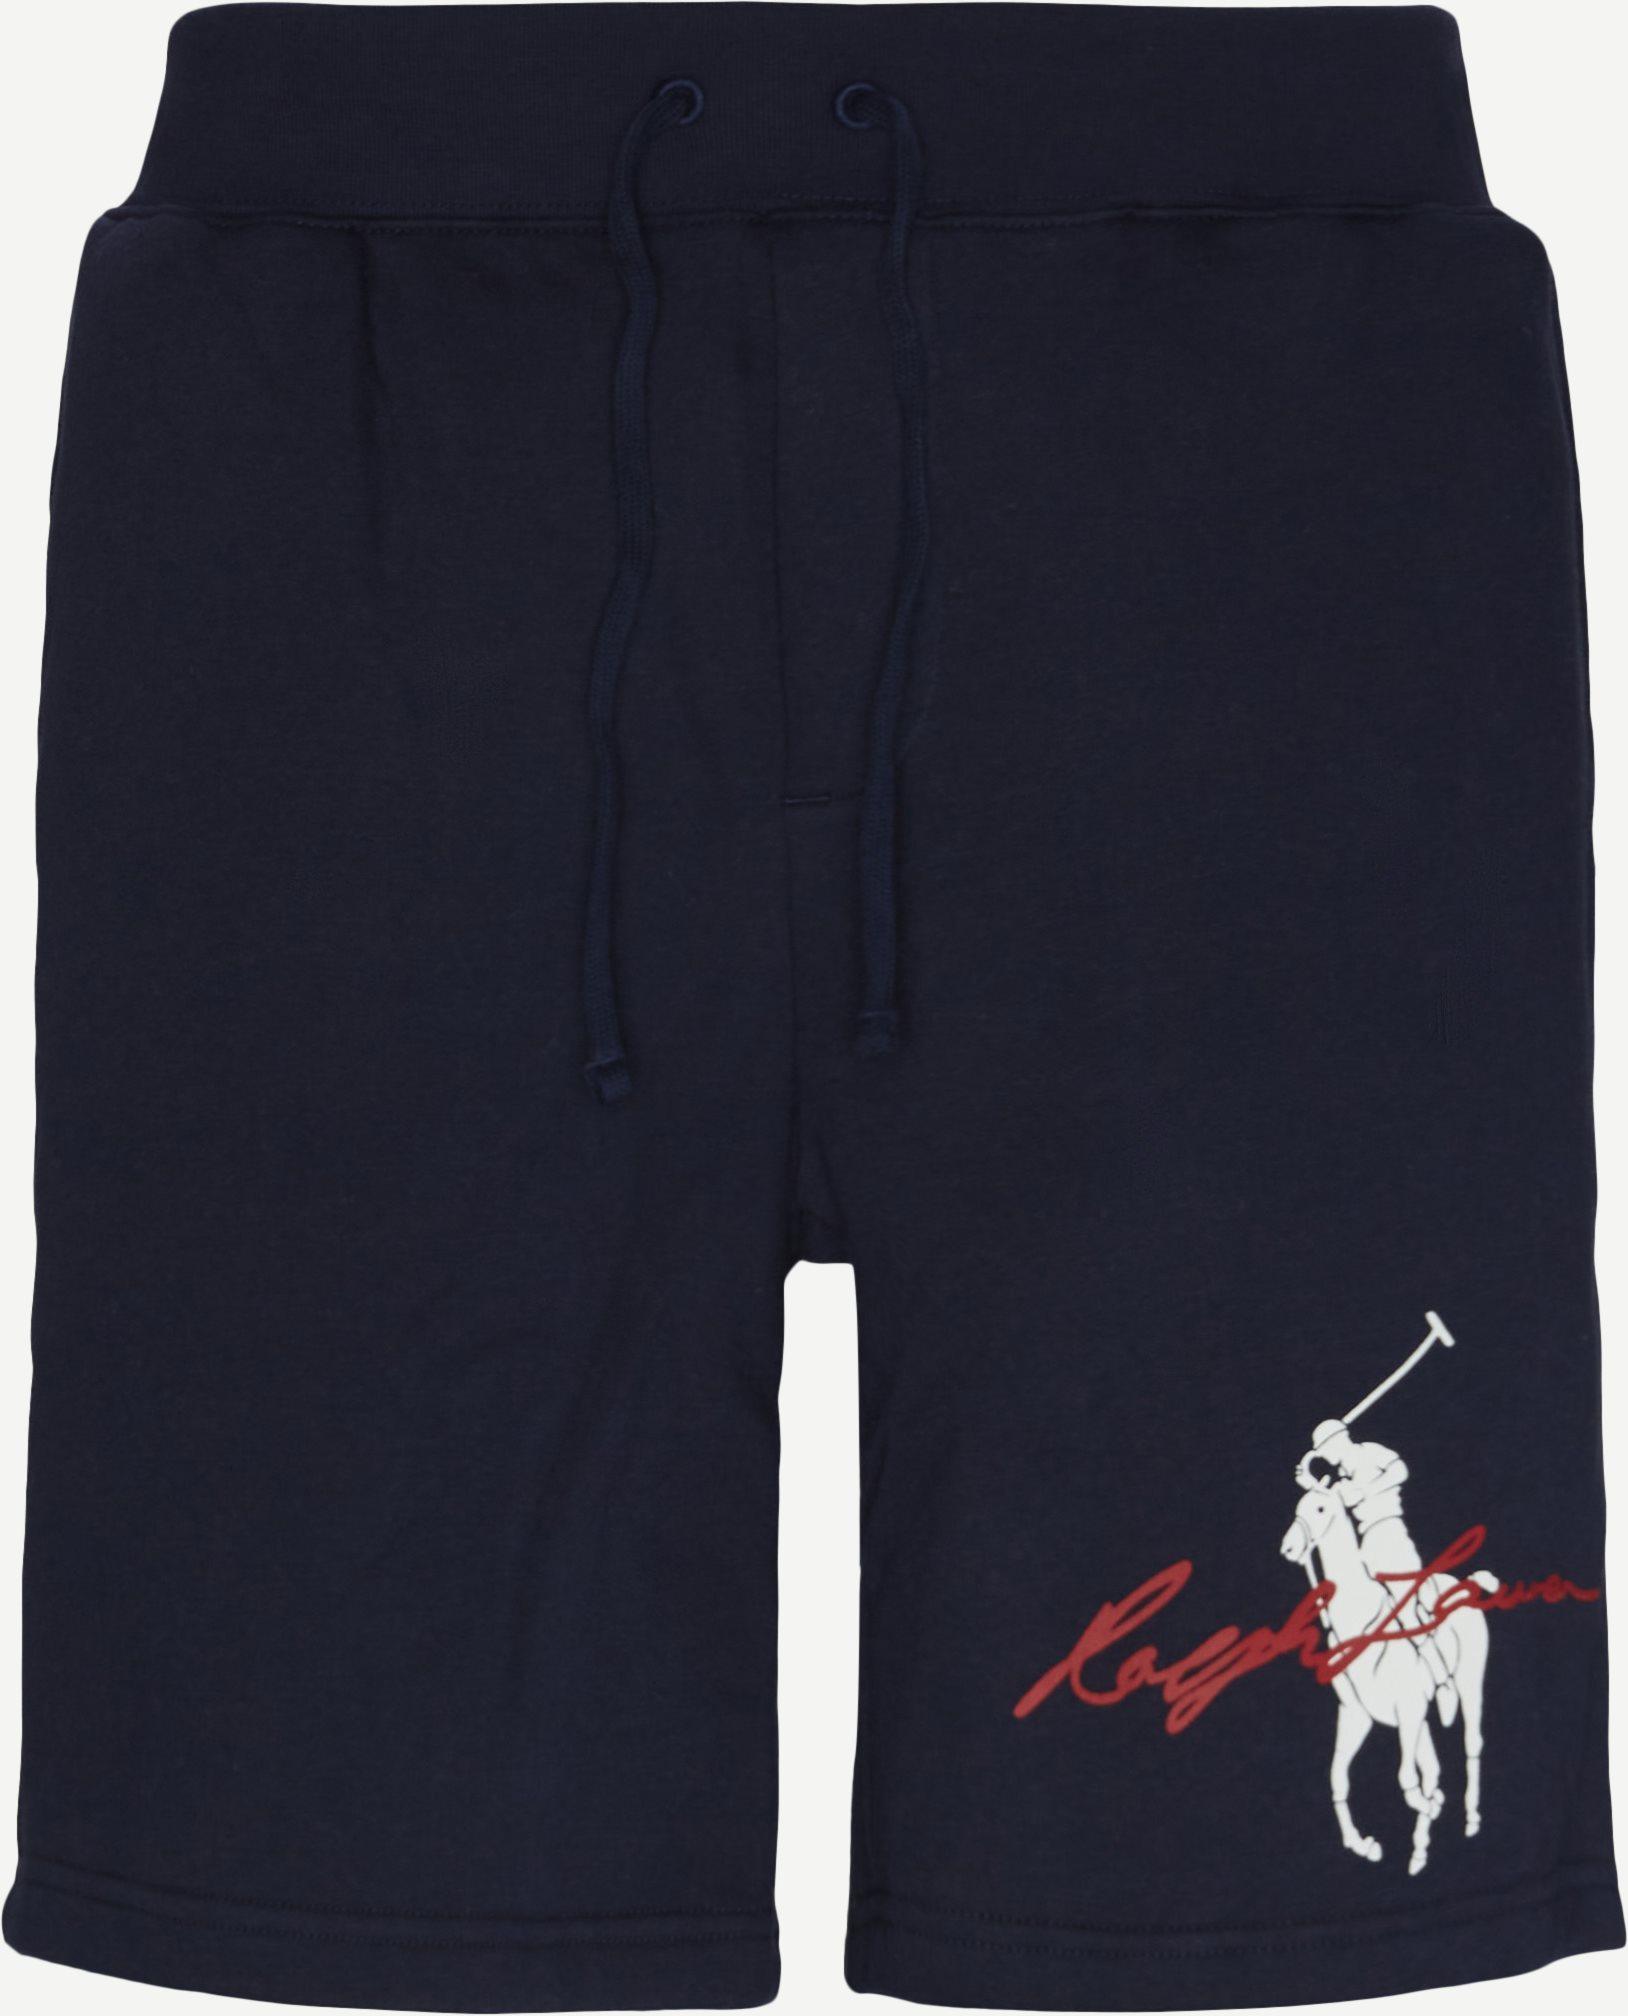 Sweatshorts - Shorts - Regular fit - Blå